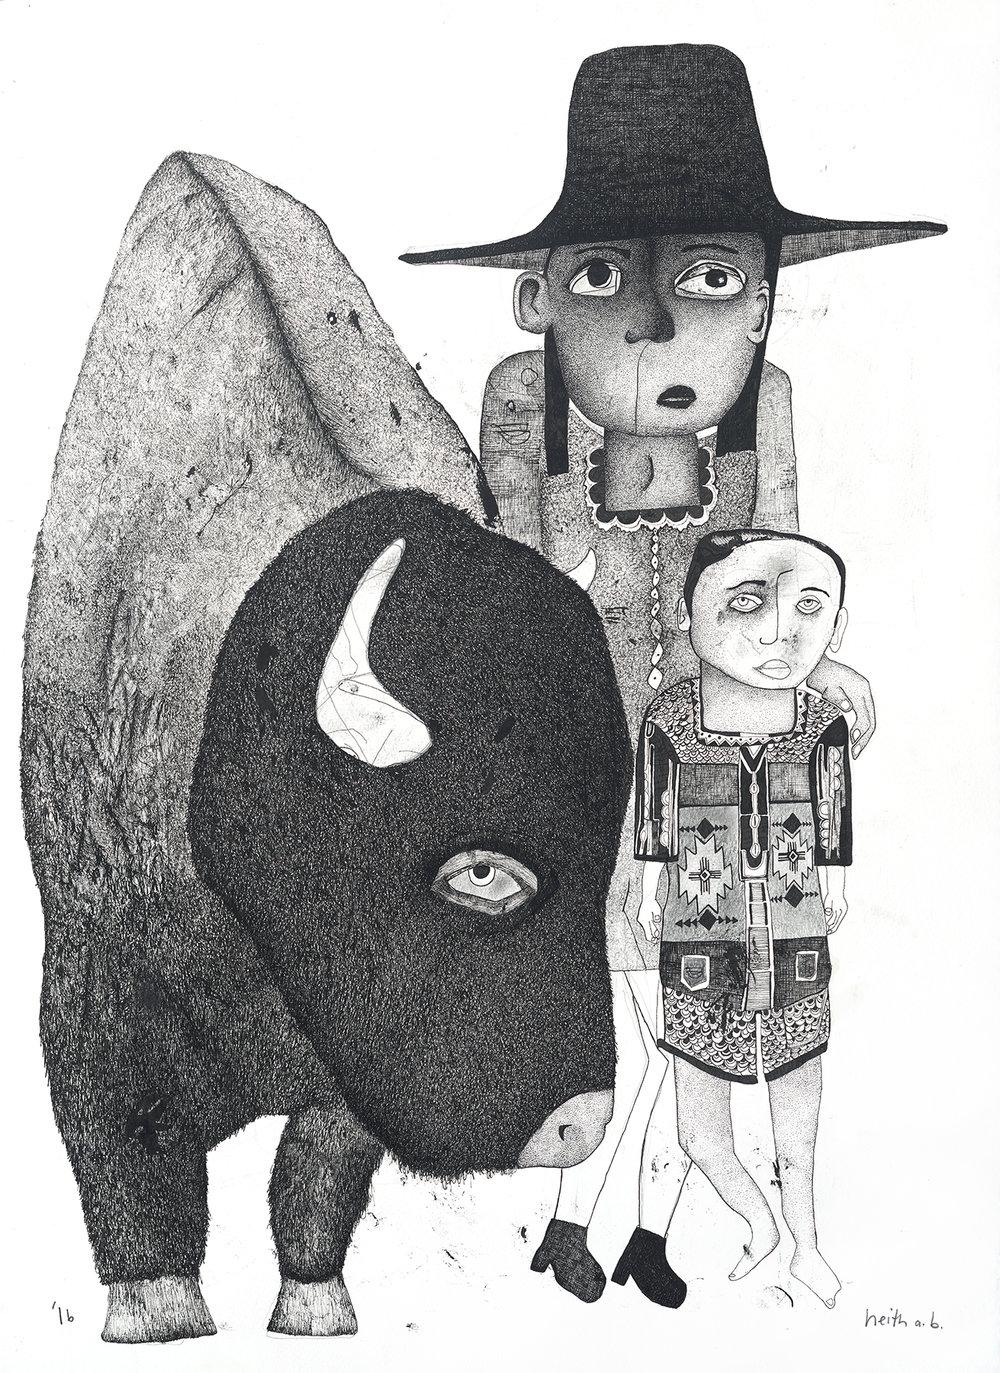 Boy with Buffalo, 2016